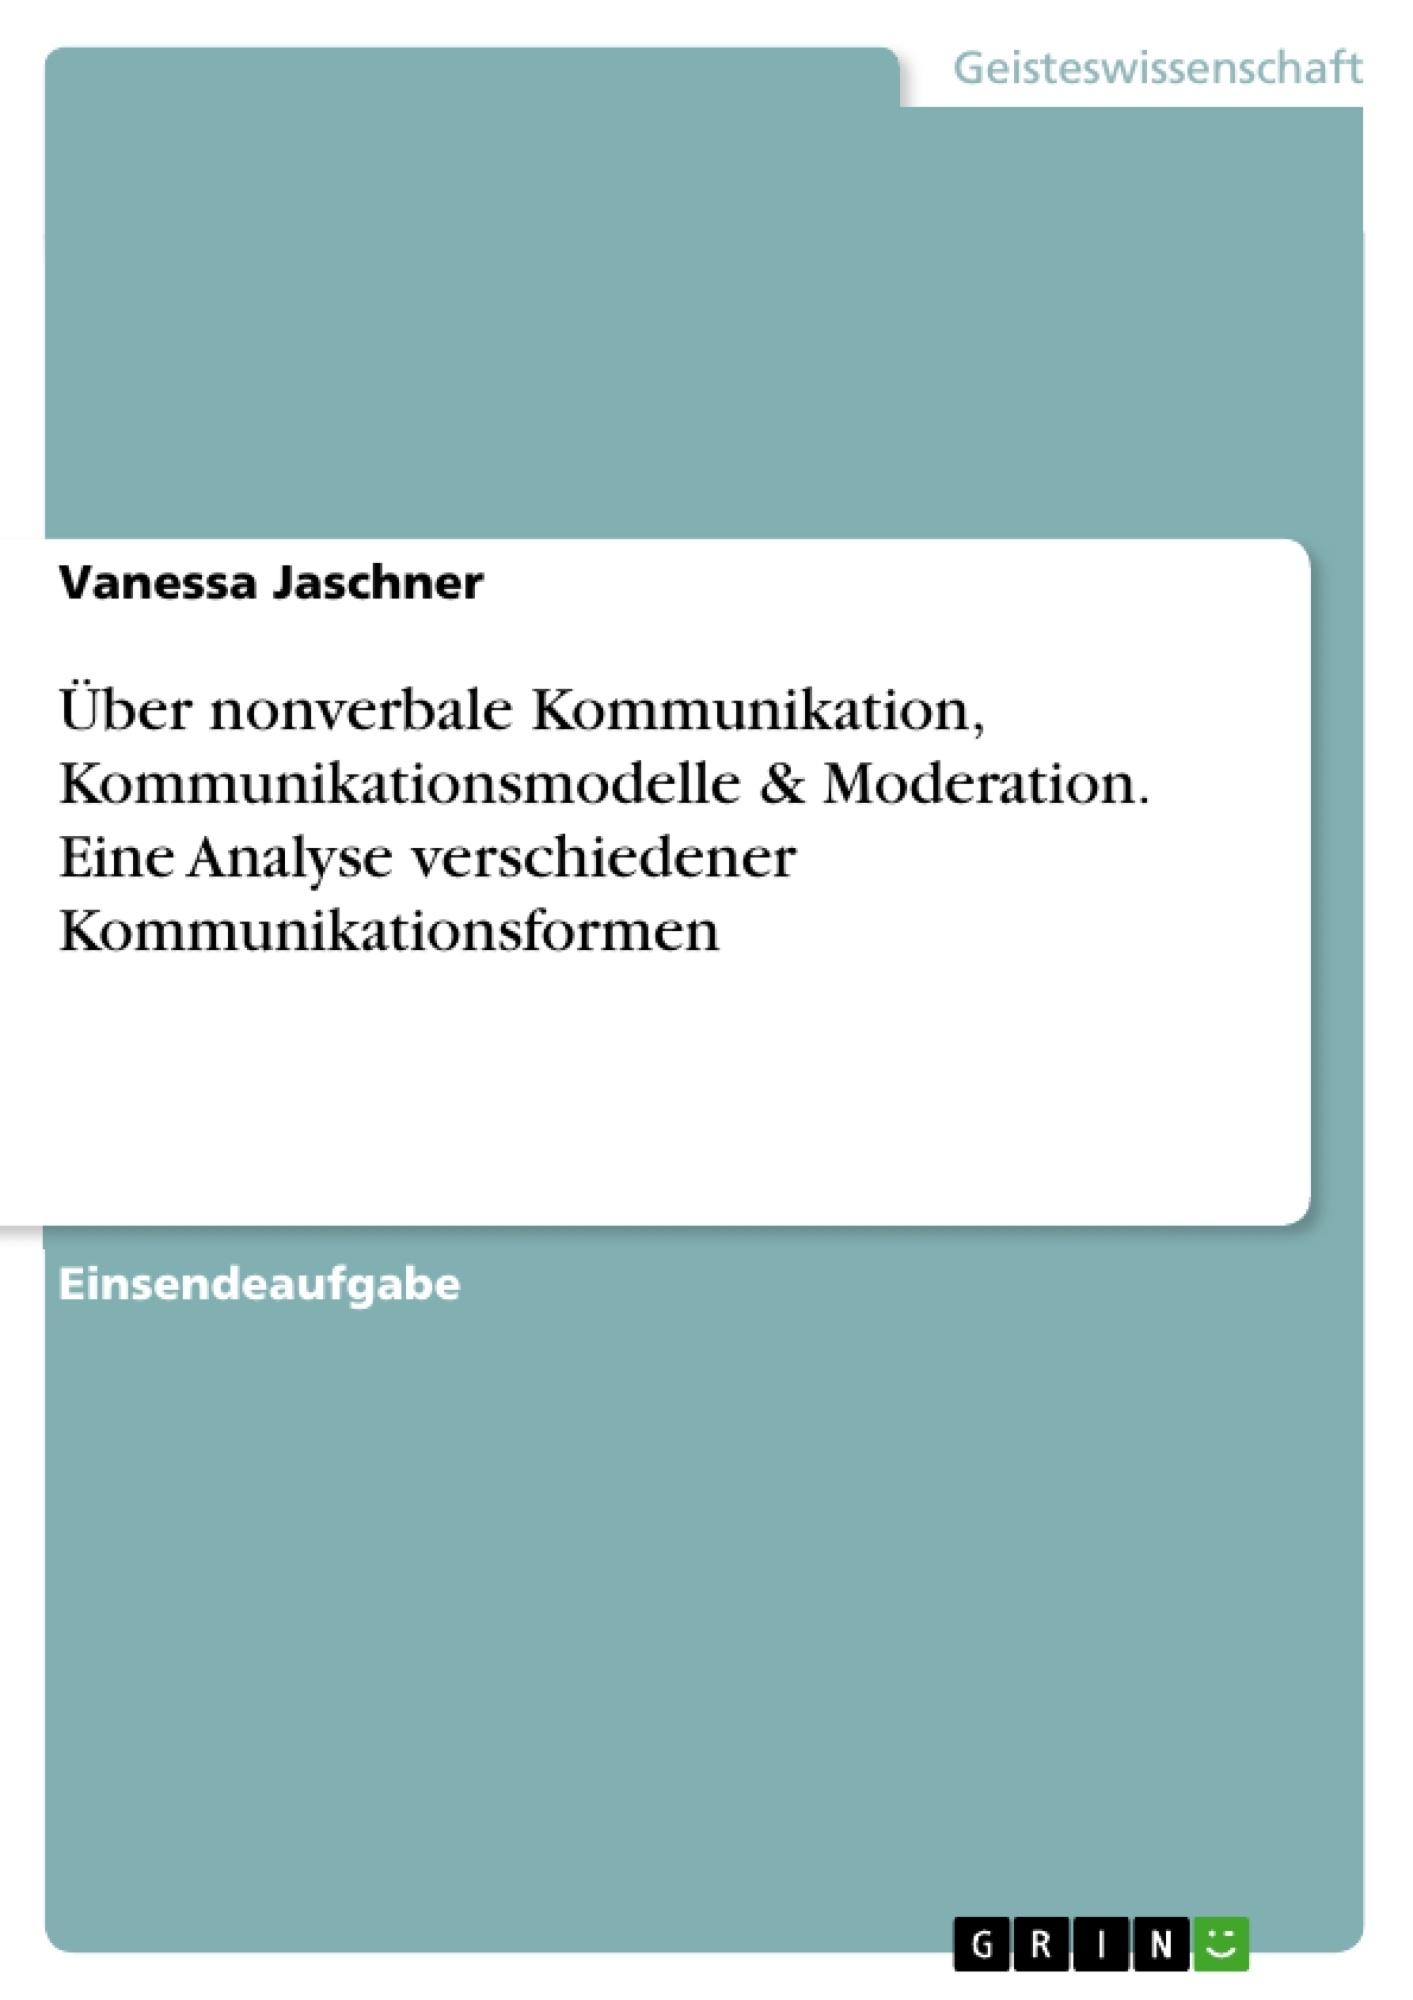 Titel: Über nonverbale Kommunikation, Kommunikationsmodelle & Moderation. Eine Analyse verschiedener Kommunikationsformen